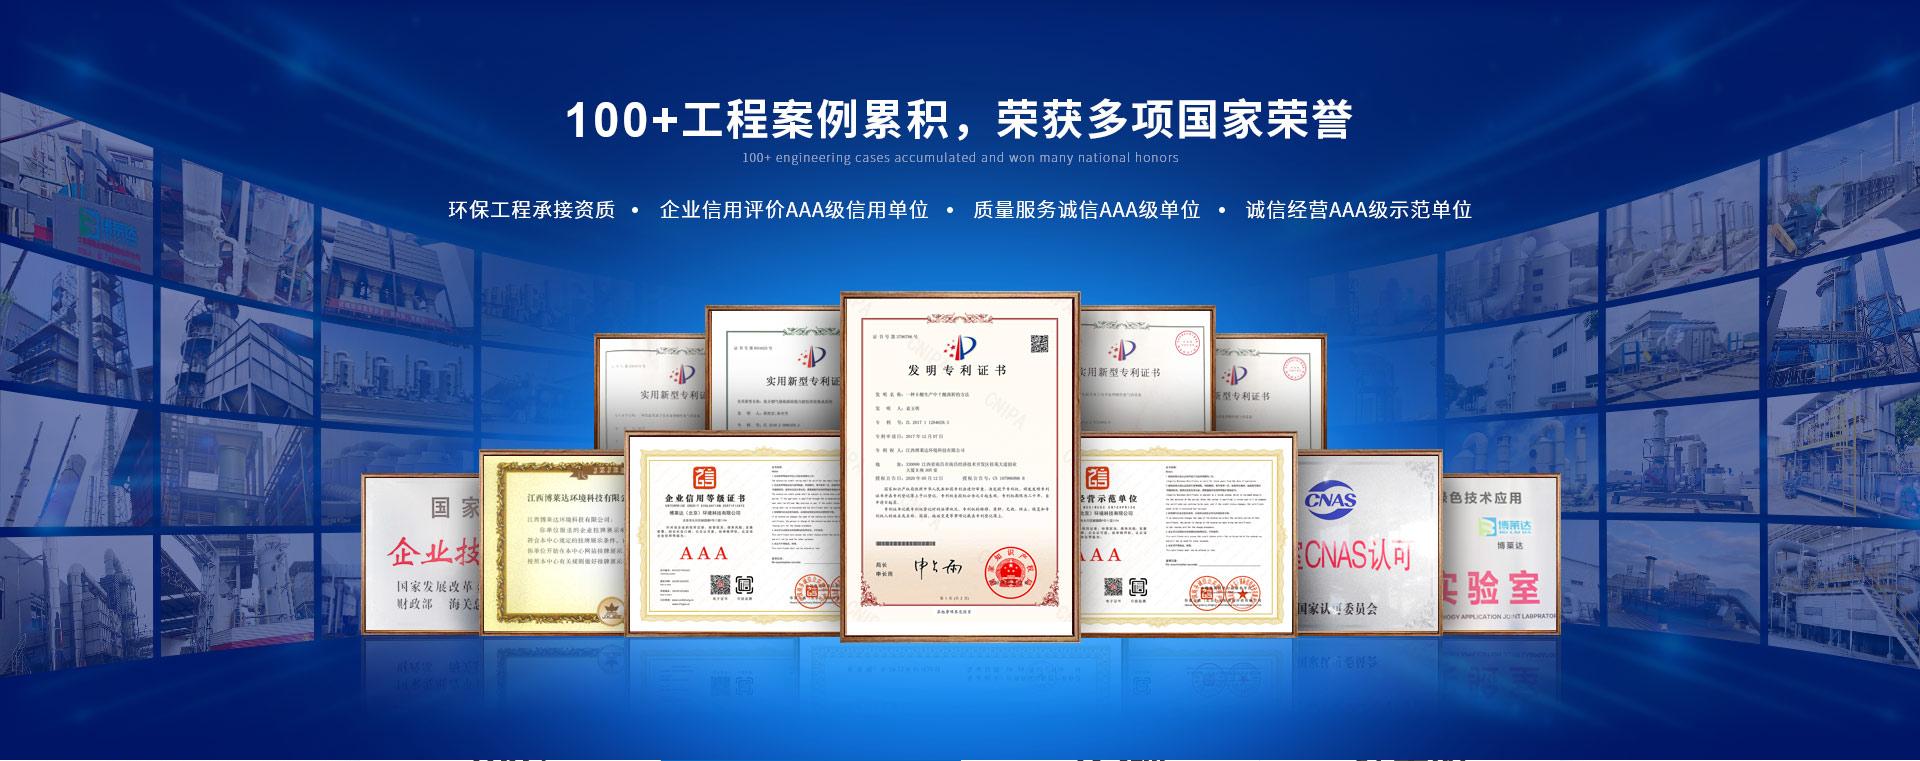 博莱达-100+工程案例积累,荣获多项国家荣誉